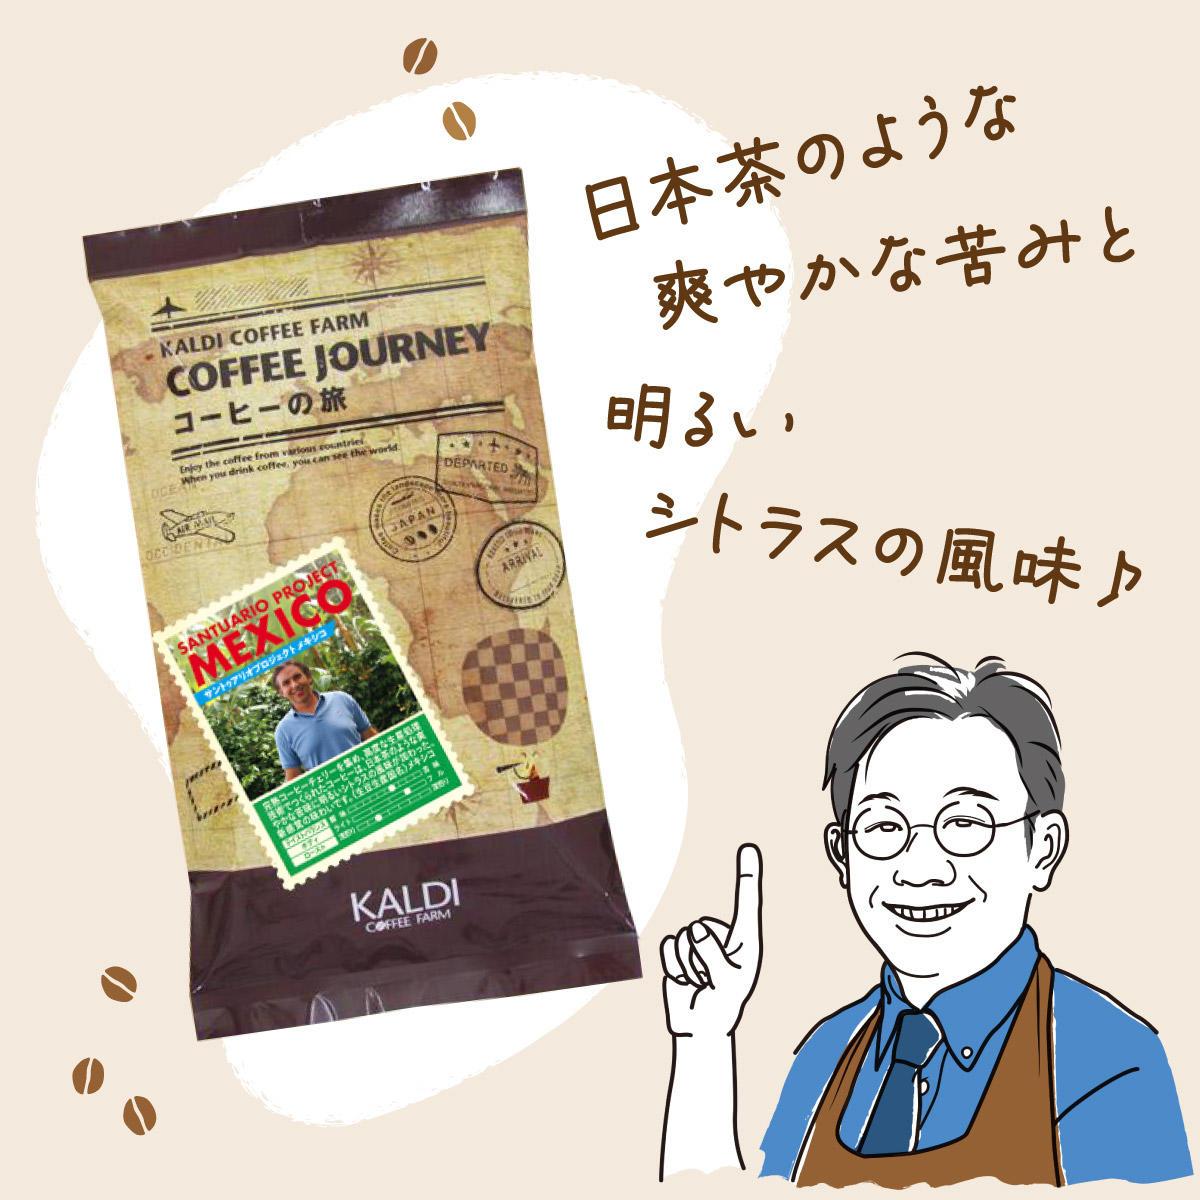 コーヒーの旅_メキシコ_商品紹介